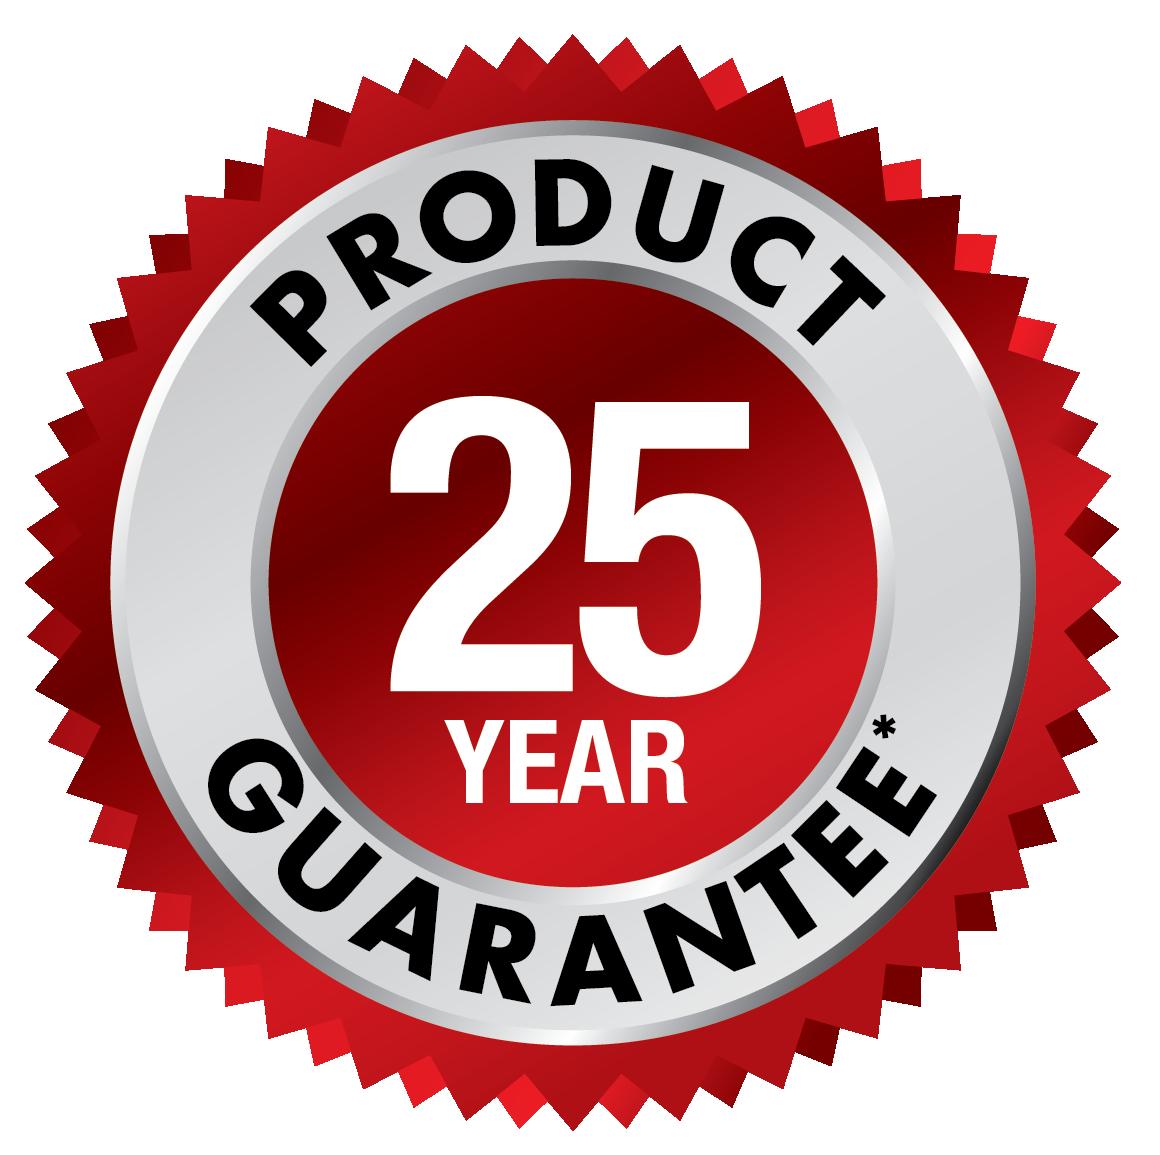 25 Year Guarantee USA